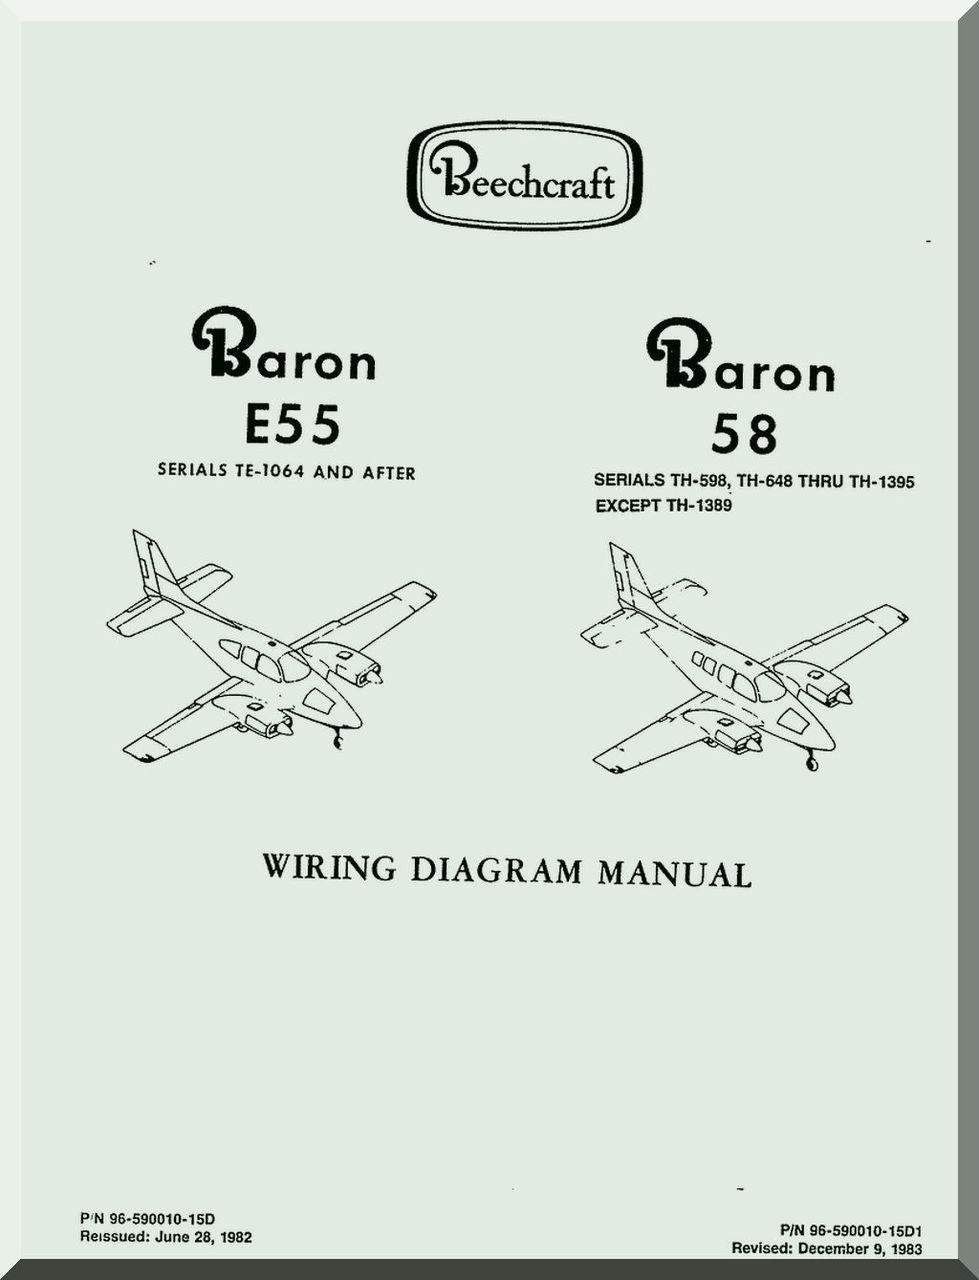 baronE55_58_wiring_diagram_manual0001__61898.1446526384.1280.1280?c\\\\\\\=2 intercom wiring diagram & wiring diagram for led lights how to read aircraft wiring diagrams at edmiracle.co